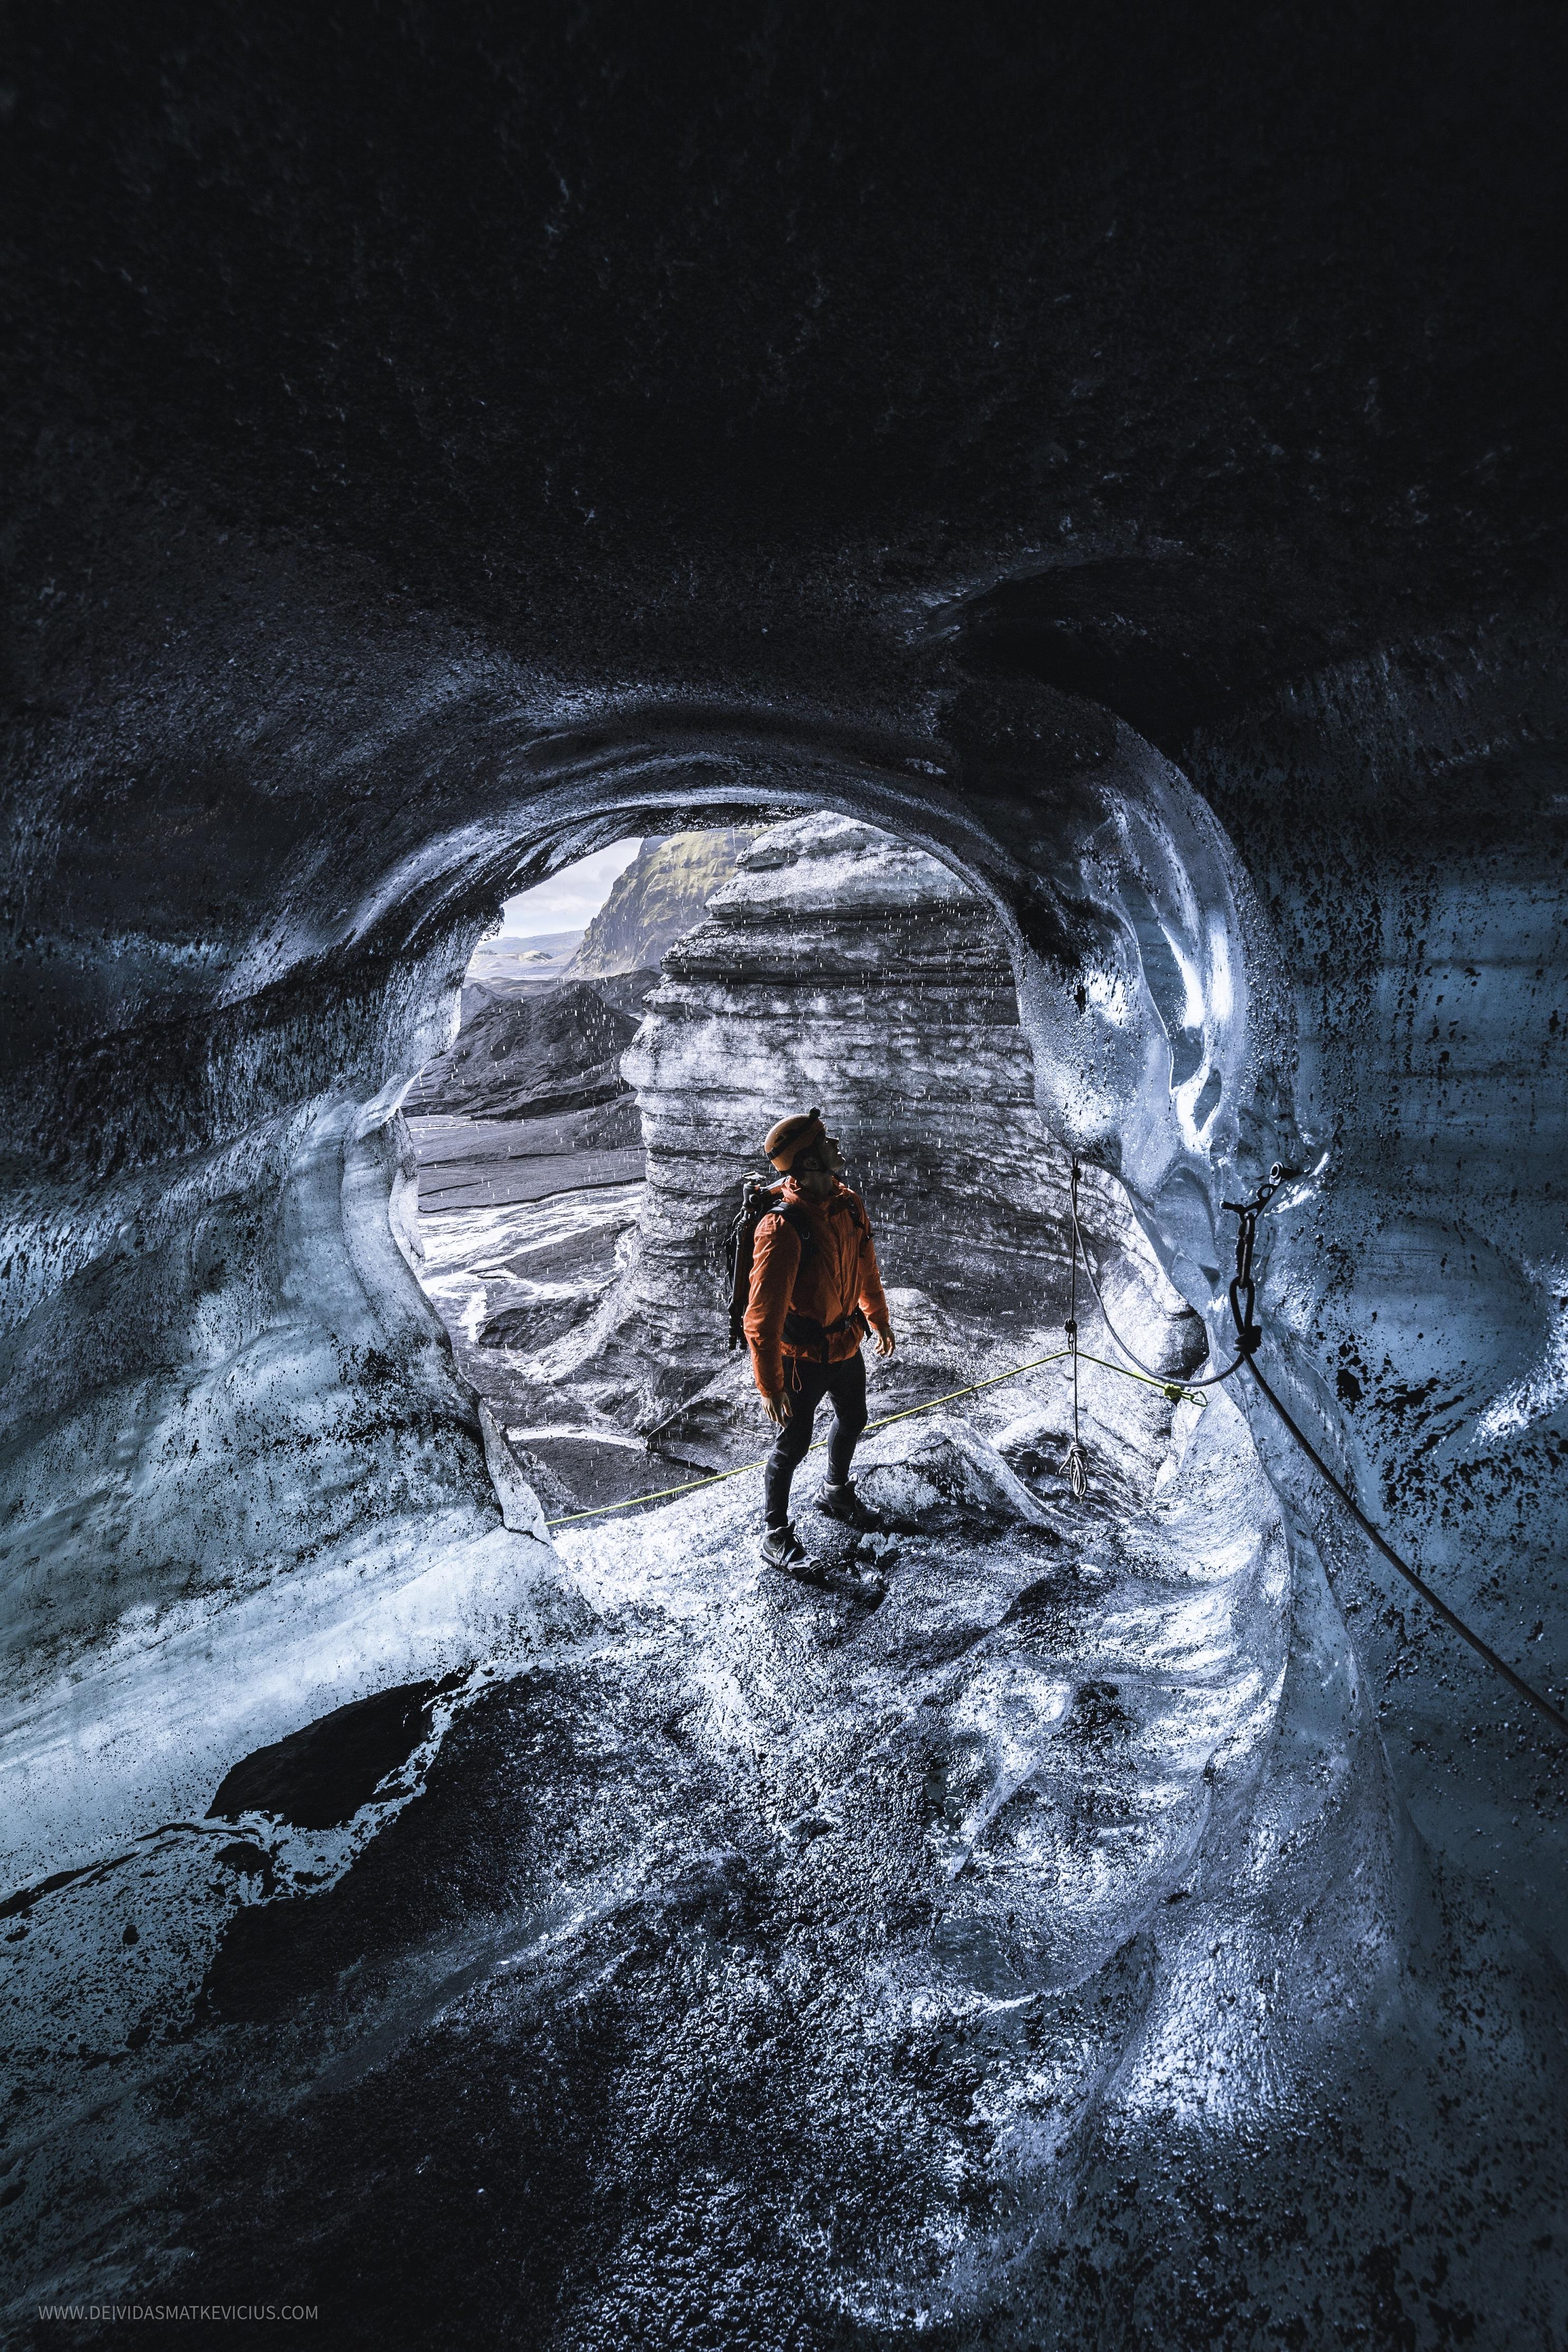 De ijsgrot van Katla bevindt zich in de gletsjer Mýrdalsjökull, de op drie na grootste ijskap van IJsland.